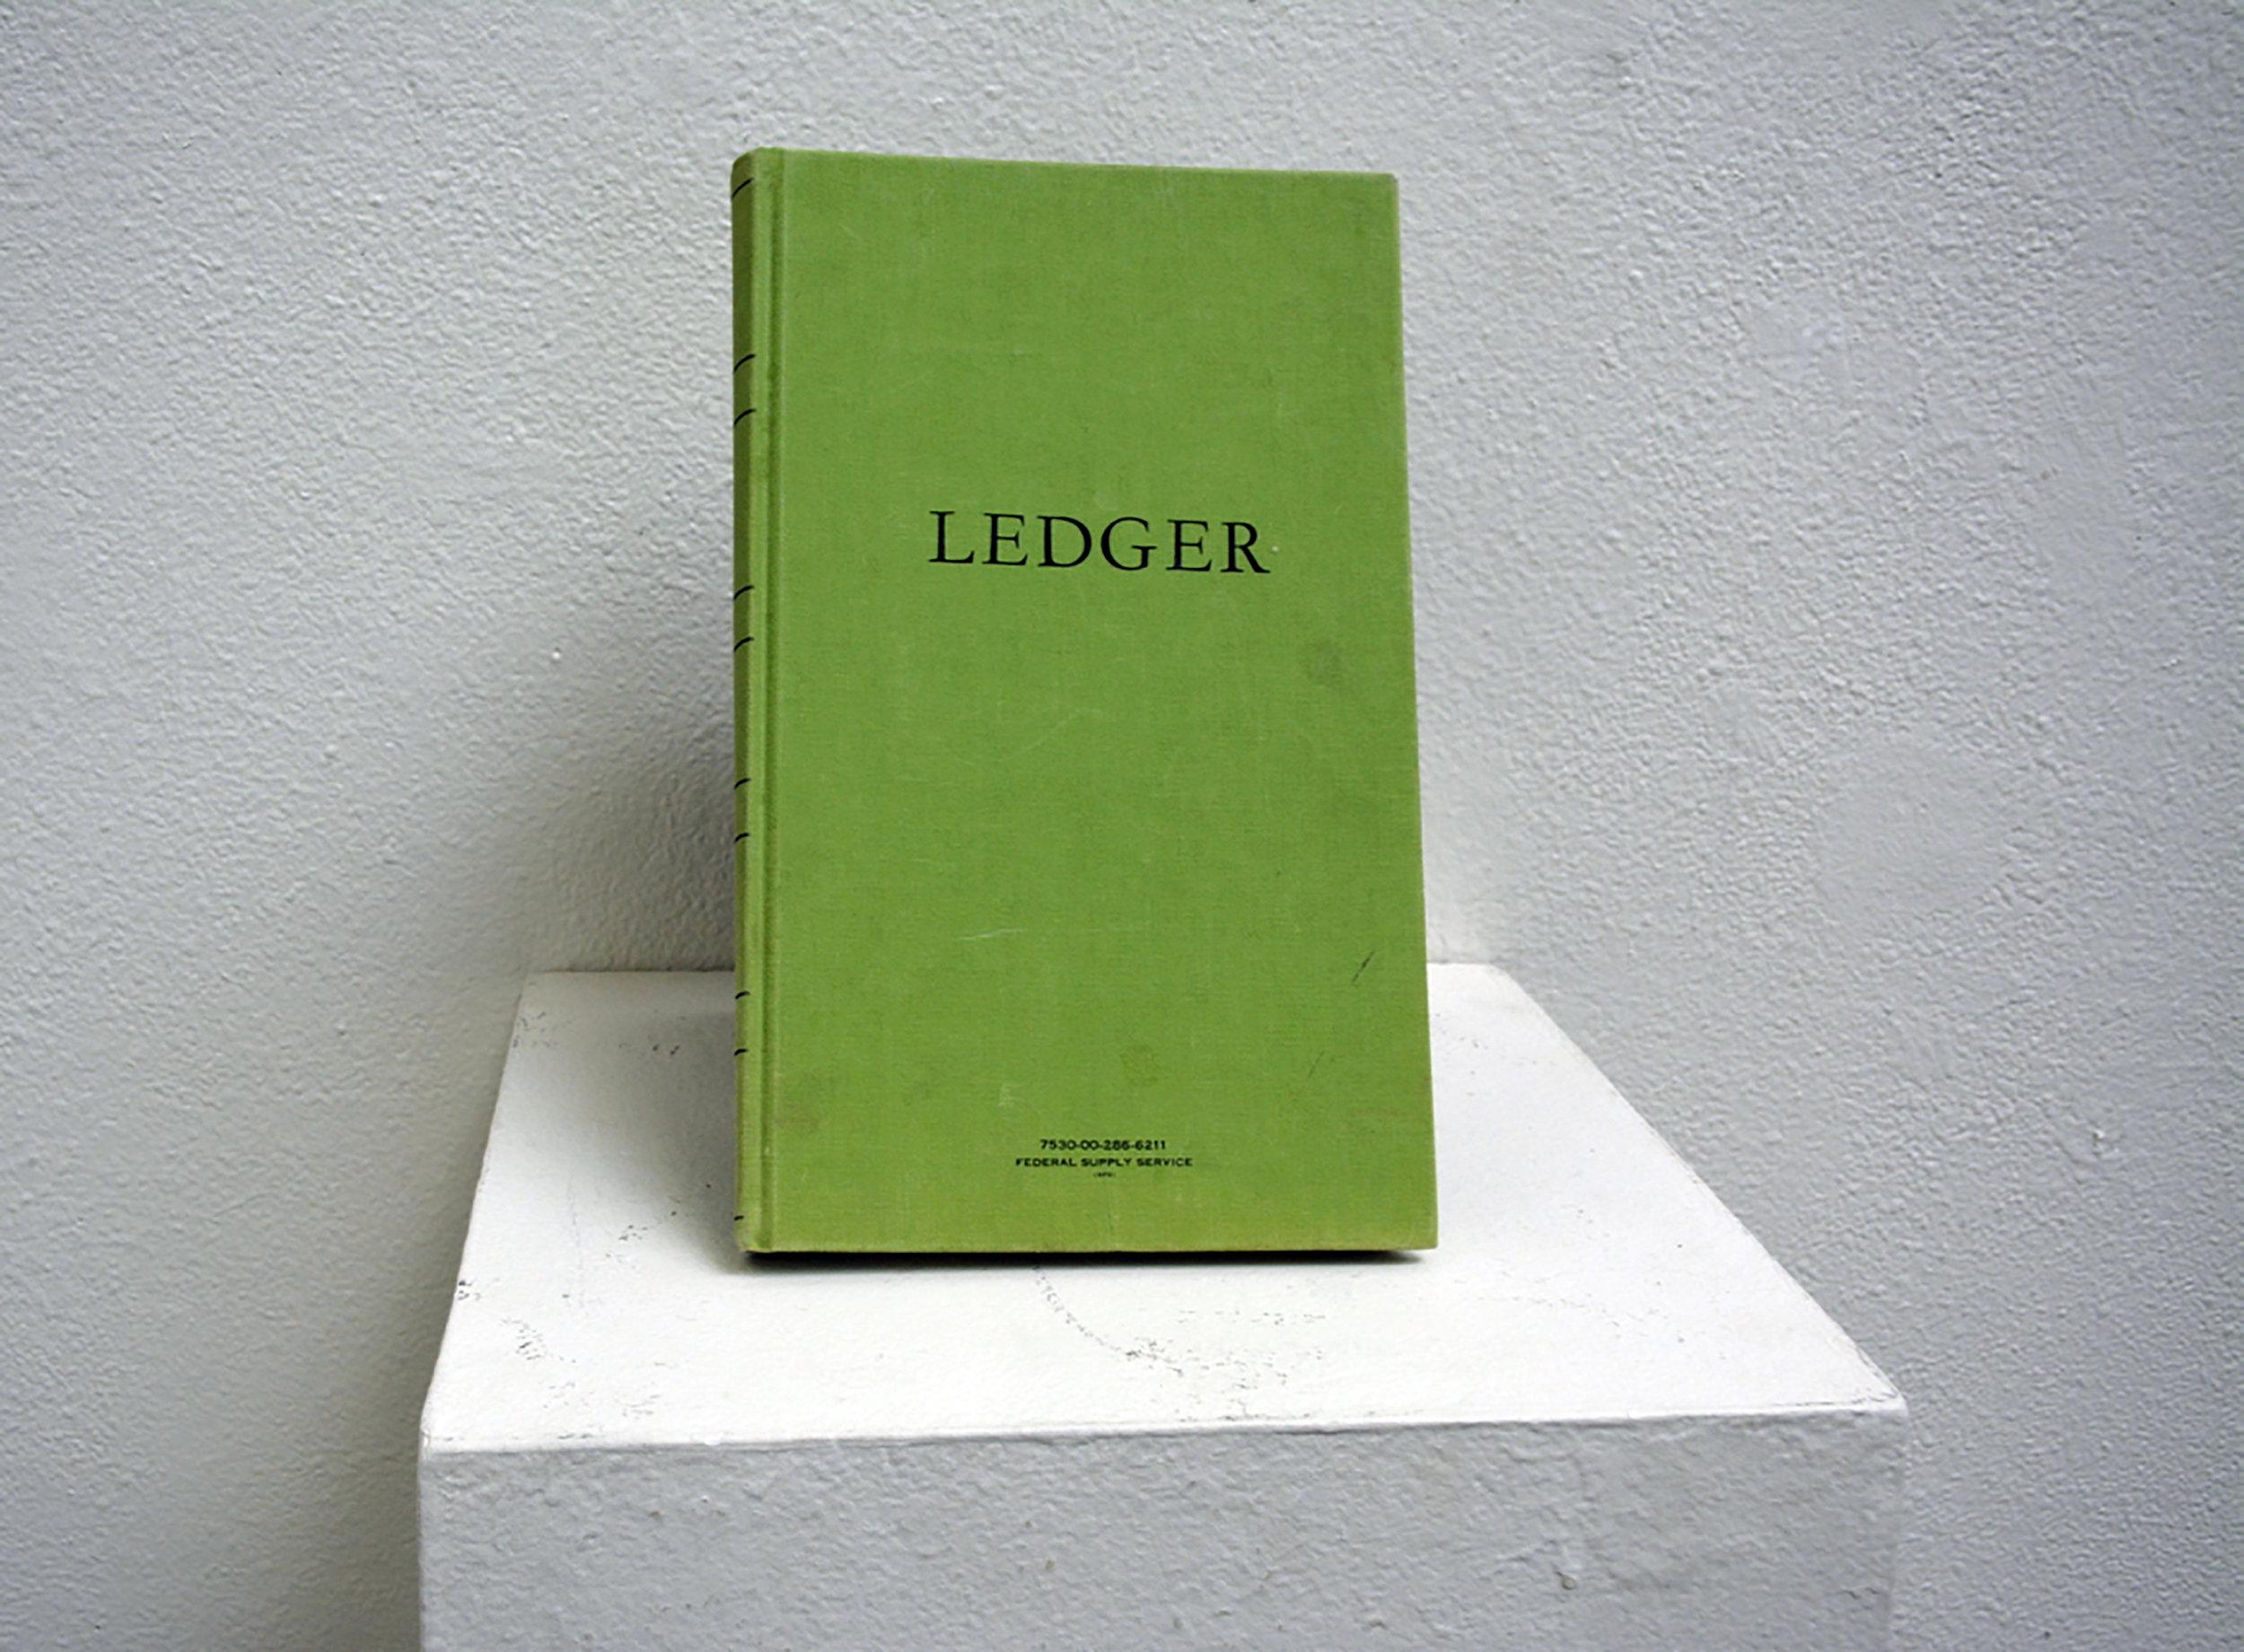 Ledger_002.jpg